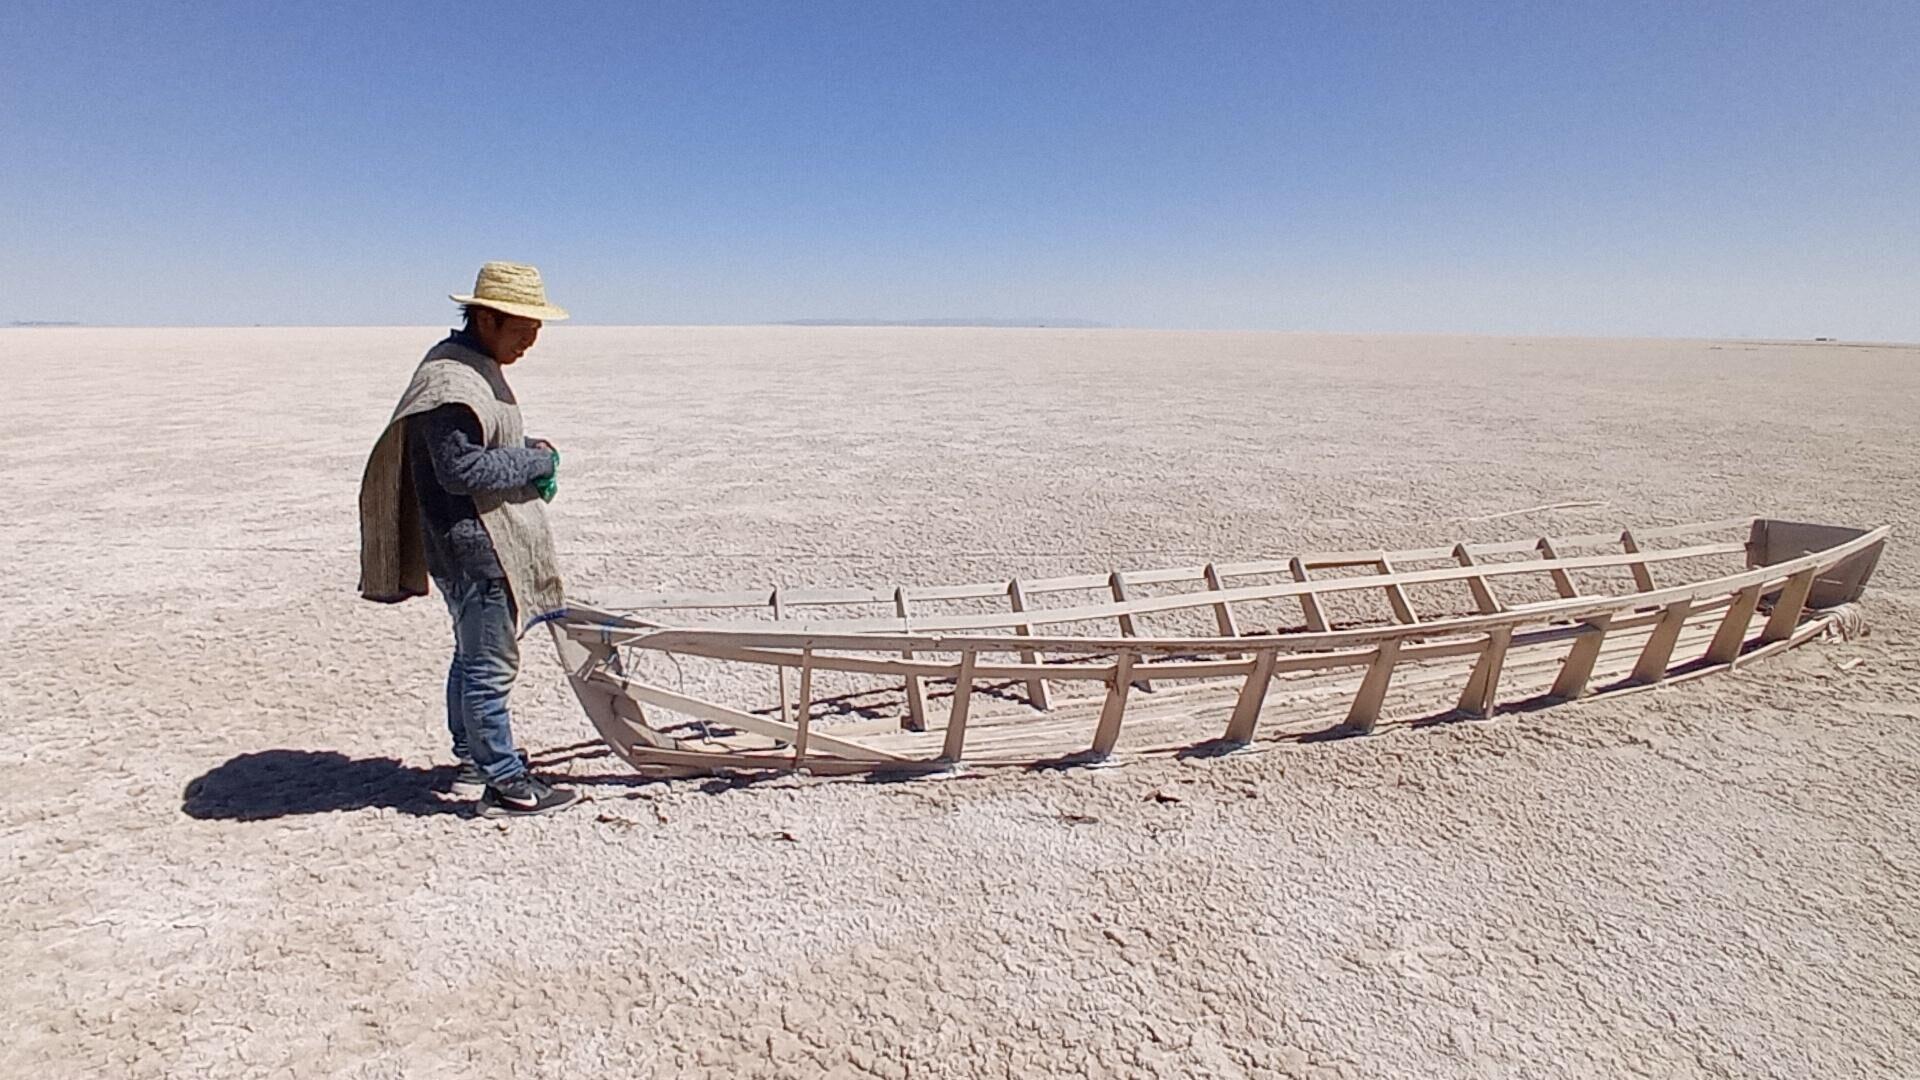 Sequía del lago Poopó, en Oruro, Bolivia - Sputnik Mundo, 1920, 07.09.2021